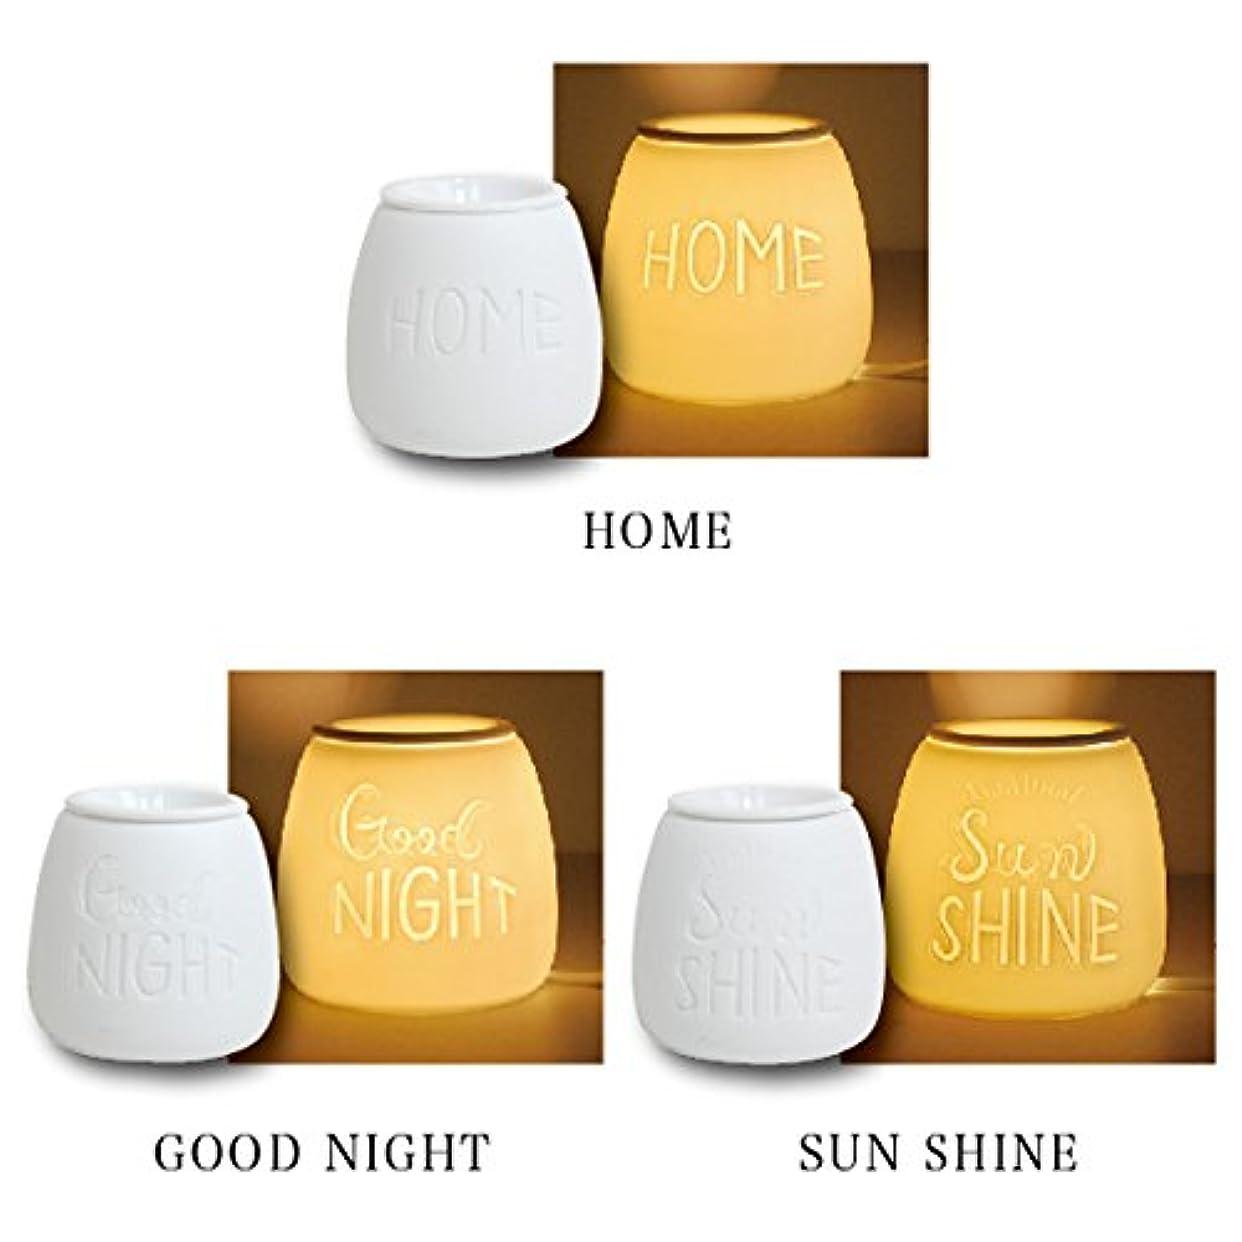 瞑想セージ和らげるレタリング アロマライト コード式 アロマランプ  タイマー 調光 機能付 (SUN SHINE)